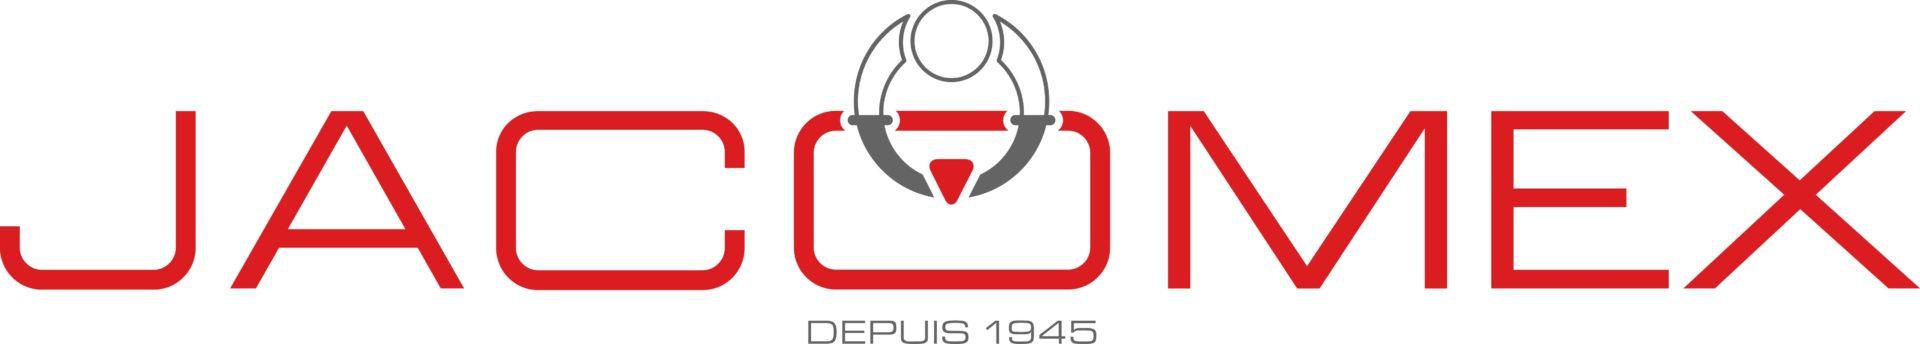 Ancien logo de Jacomex